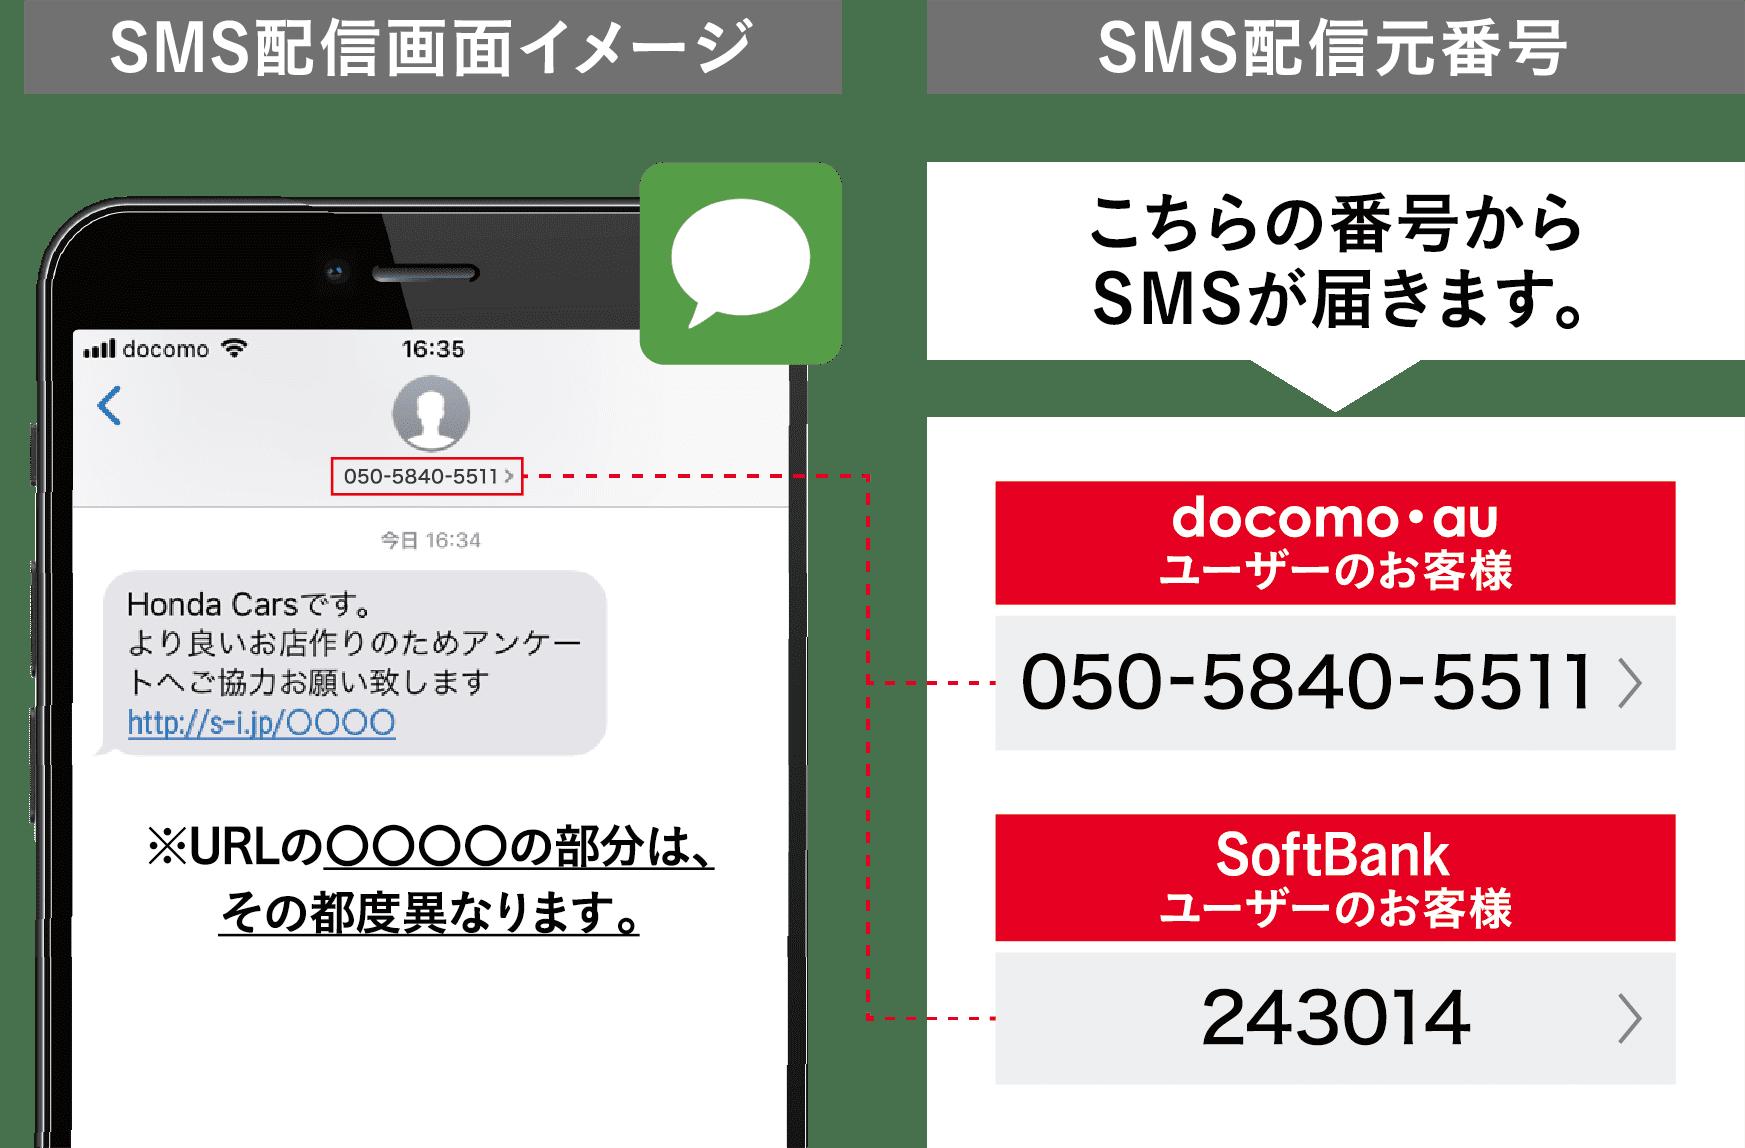 SMS配信画面イメージ